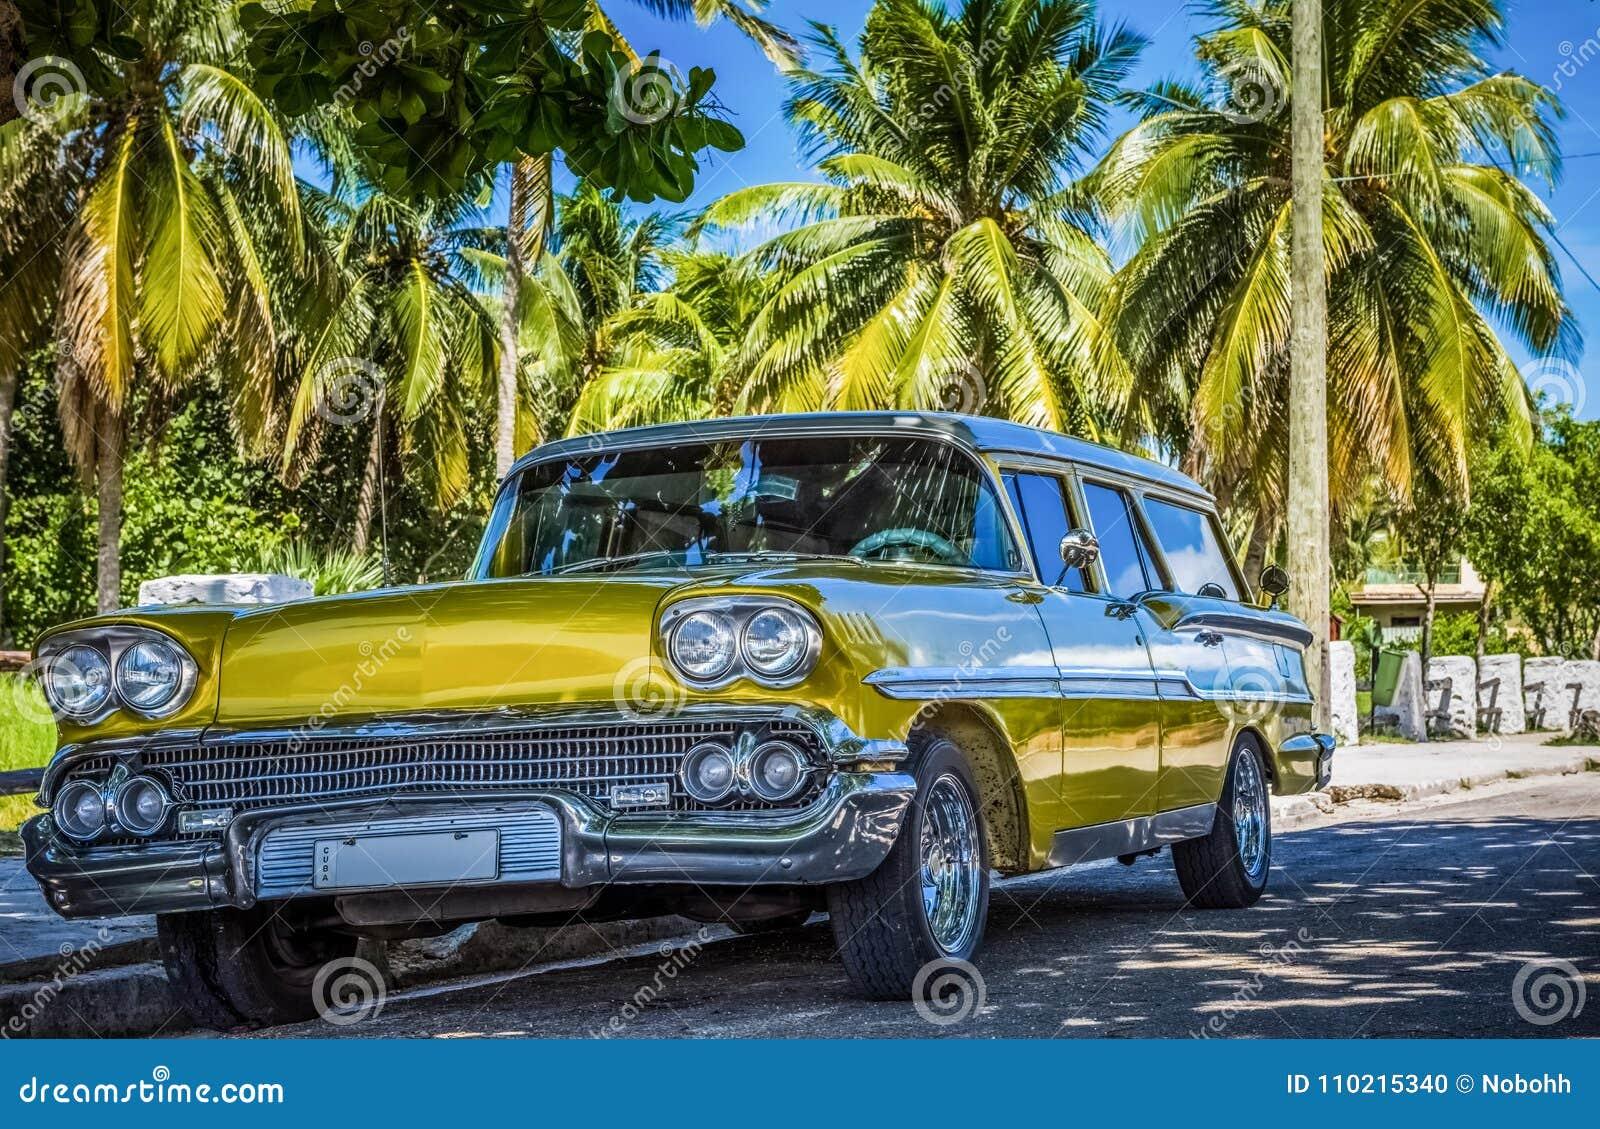 HDR - Американский золотой Форд Brookwood припаркованное под ладонями около пляжа в Варадеро Кубе - репортаже Serie Кубы